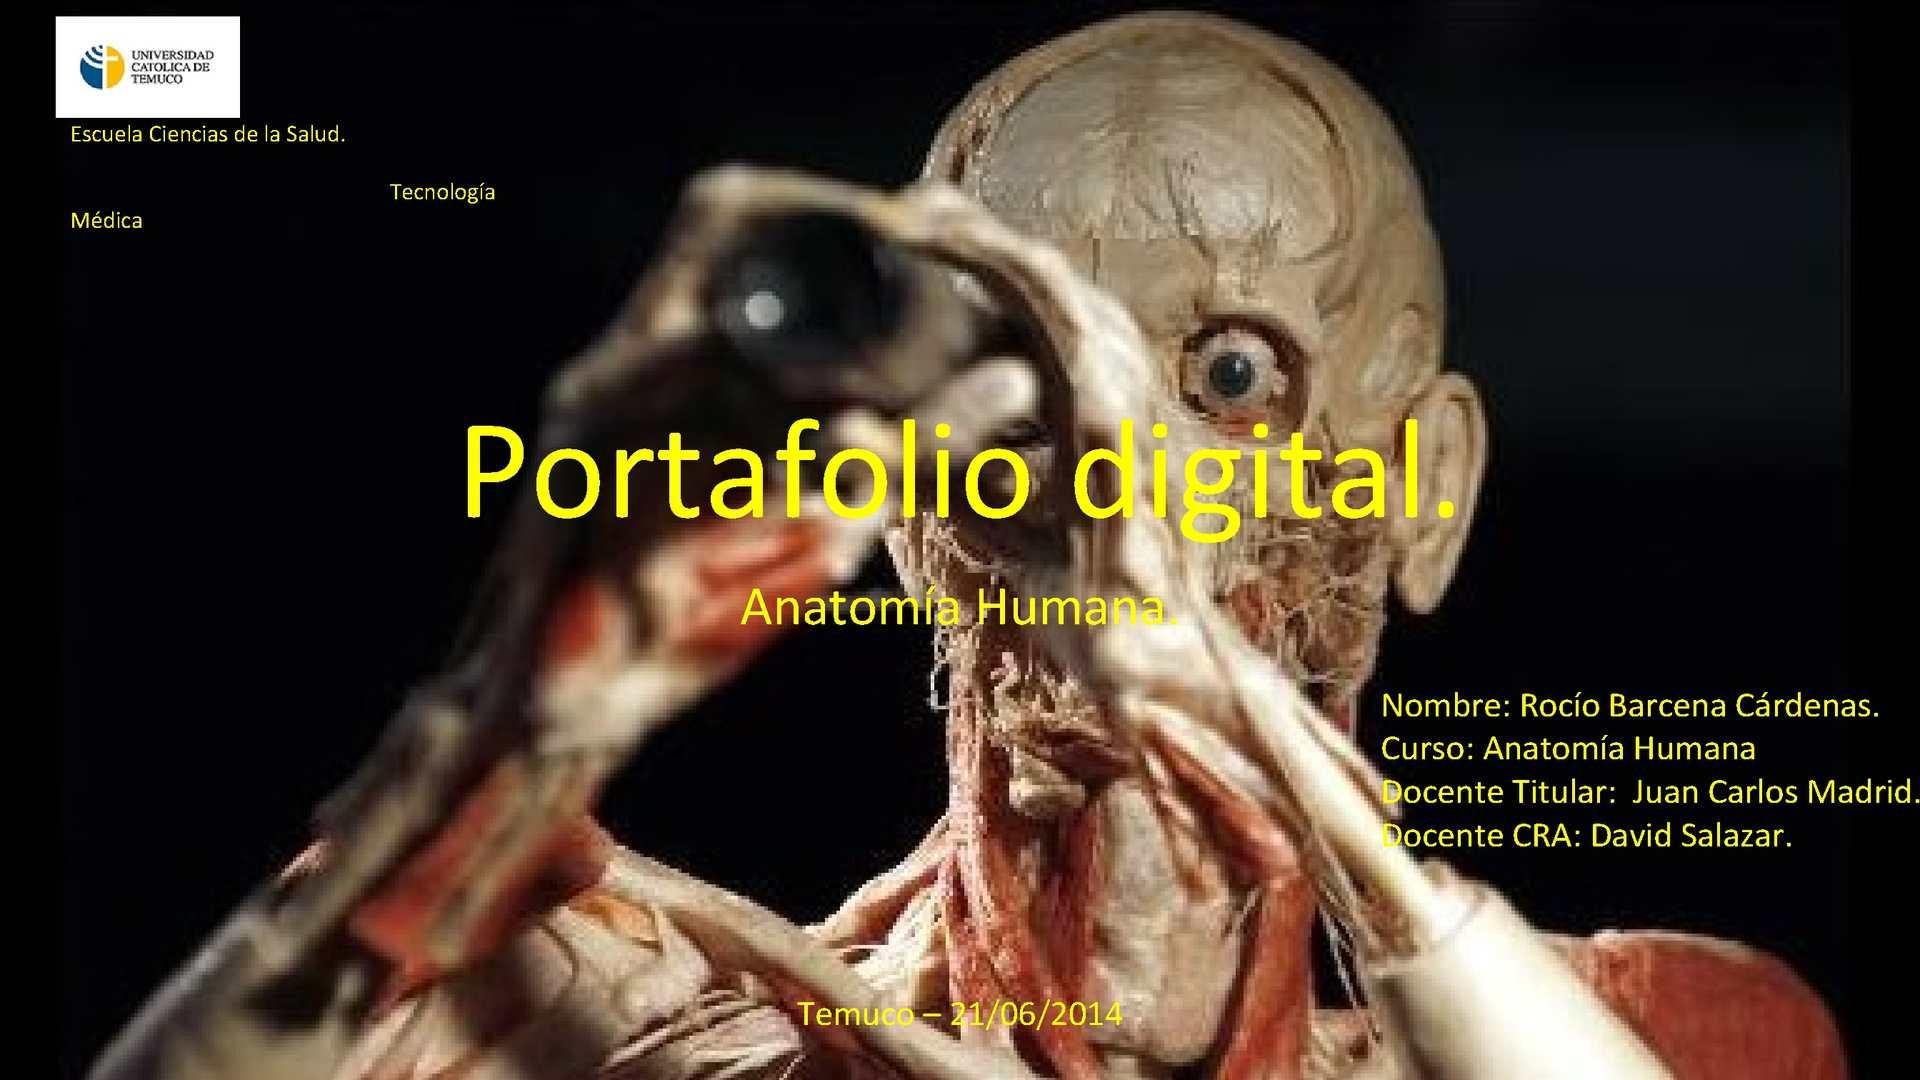 Calaméo - Portafolio digital, anatomía humana